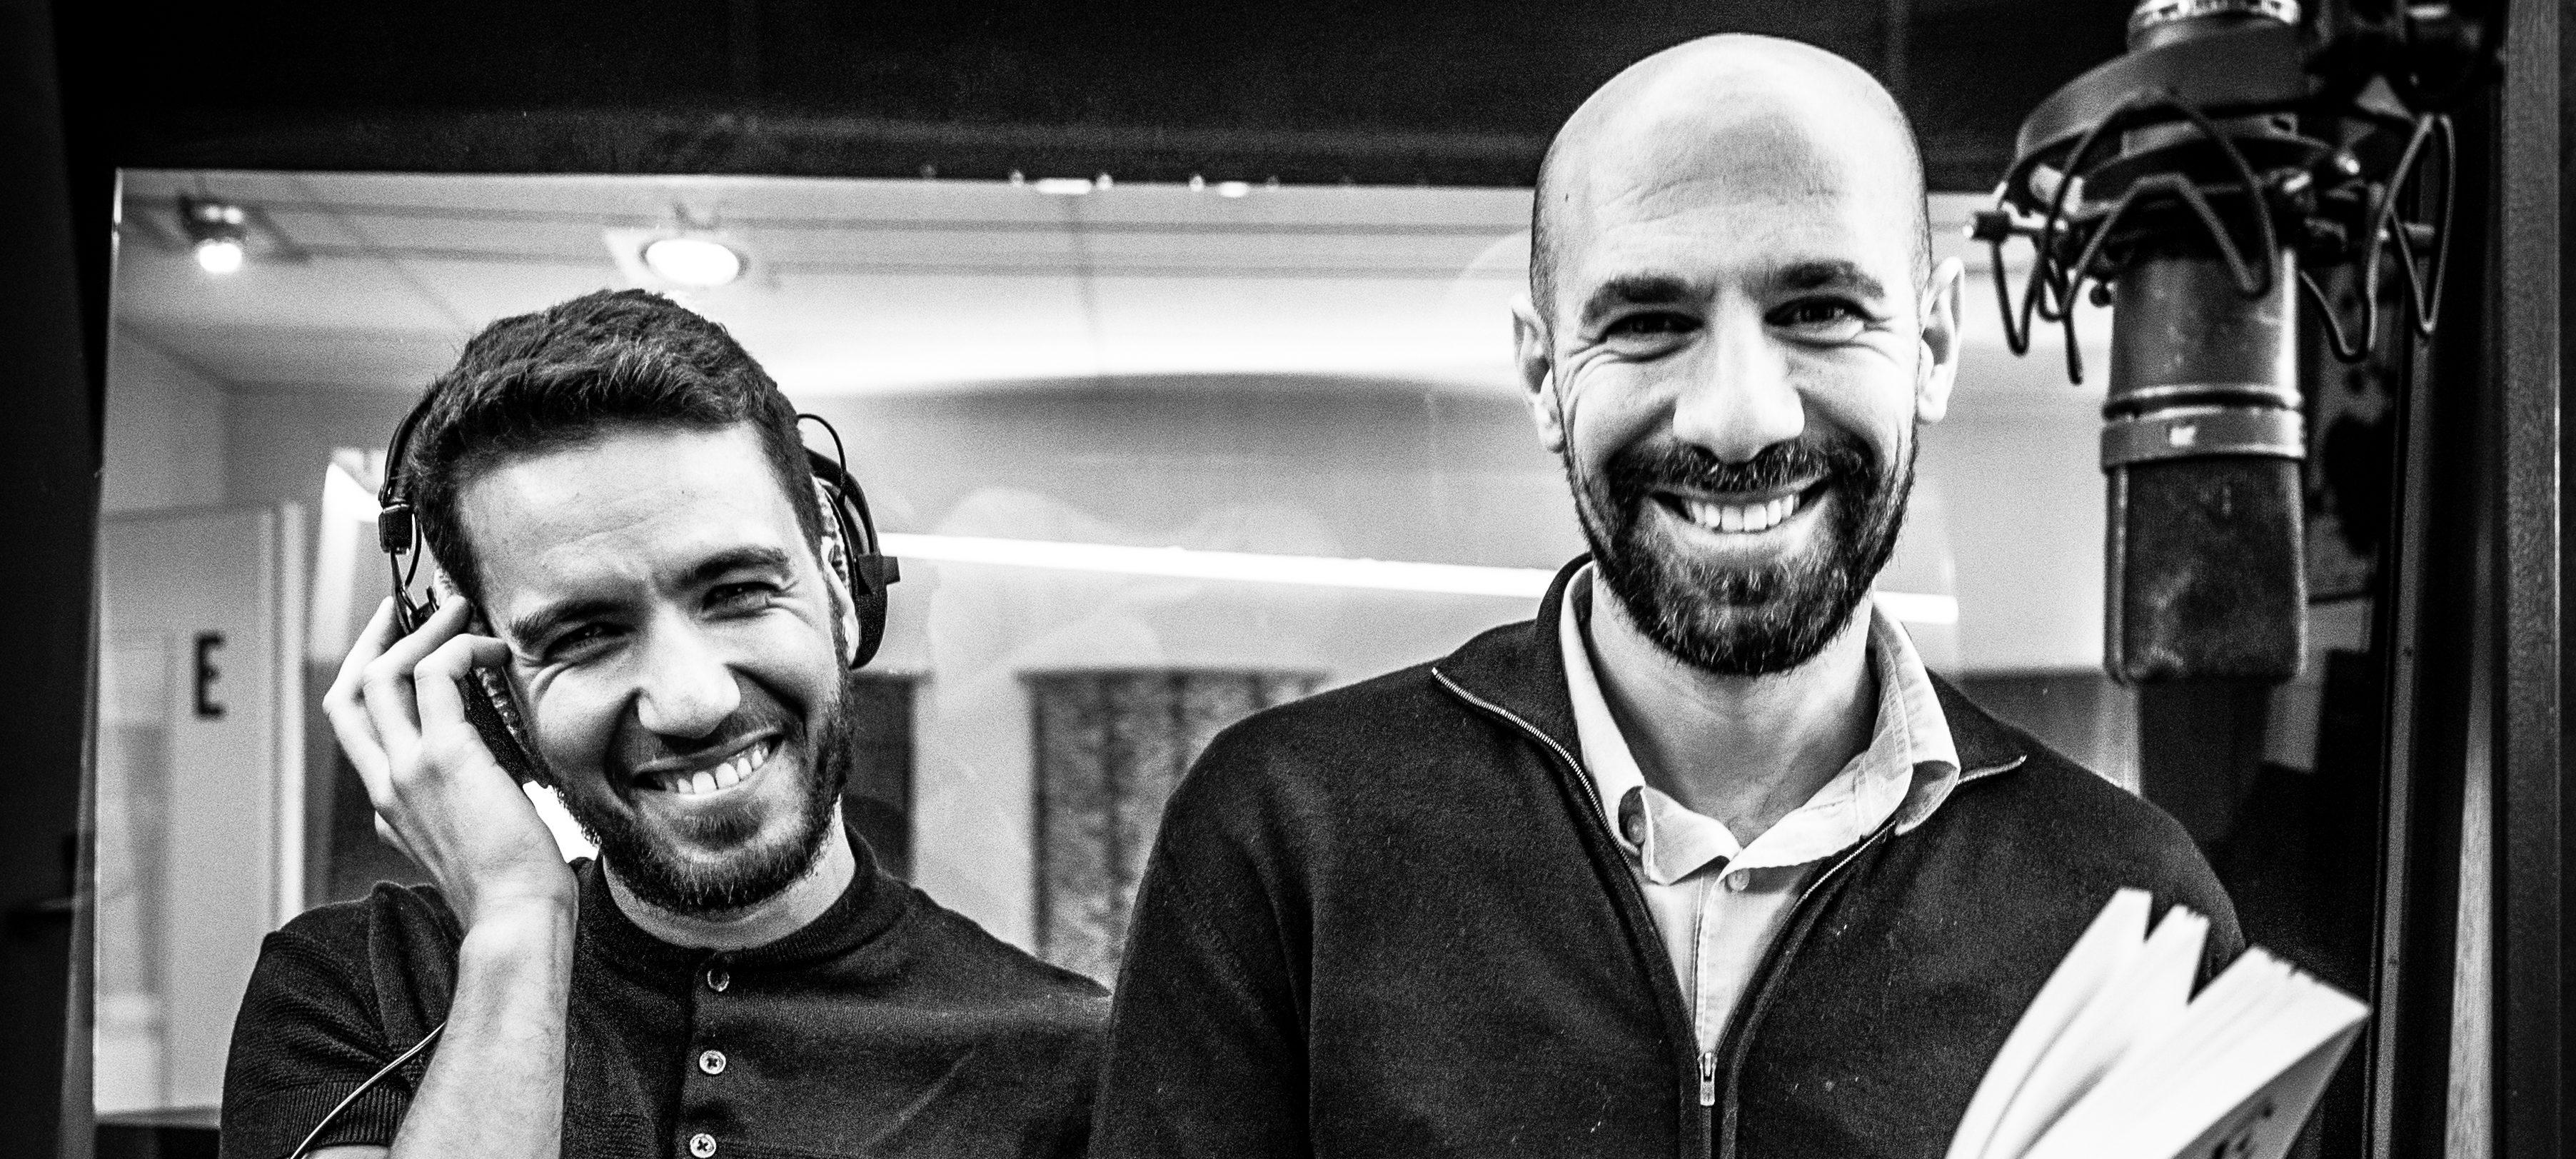 Ish Ait Hamou en Abdelkader Benali over hufterigheid, racisme, 'Cécile' en hoop